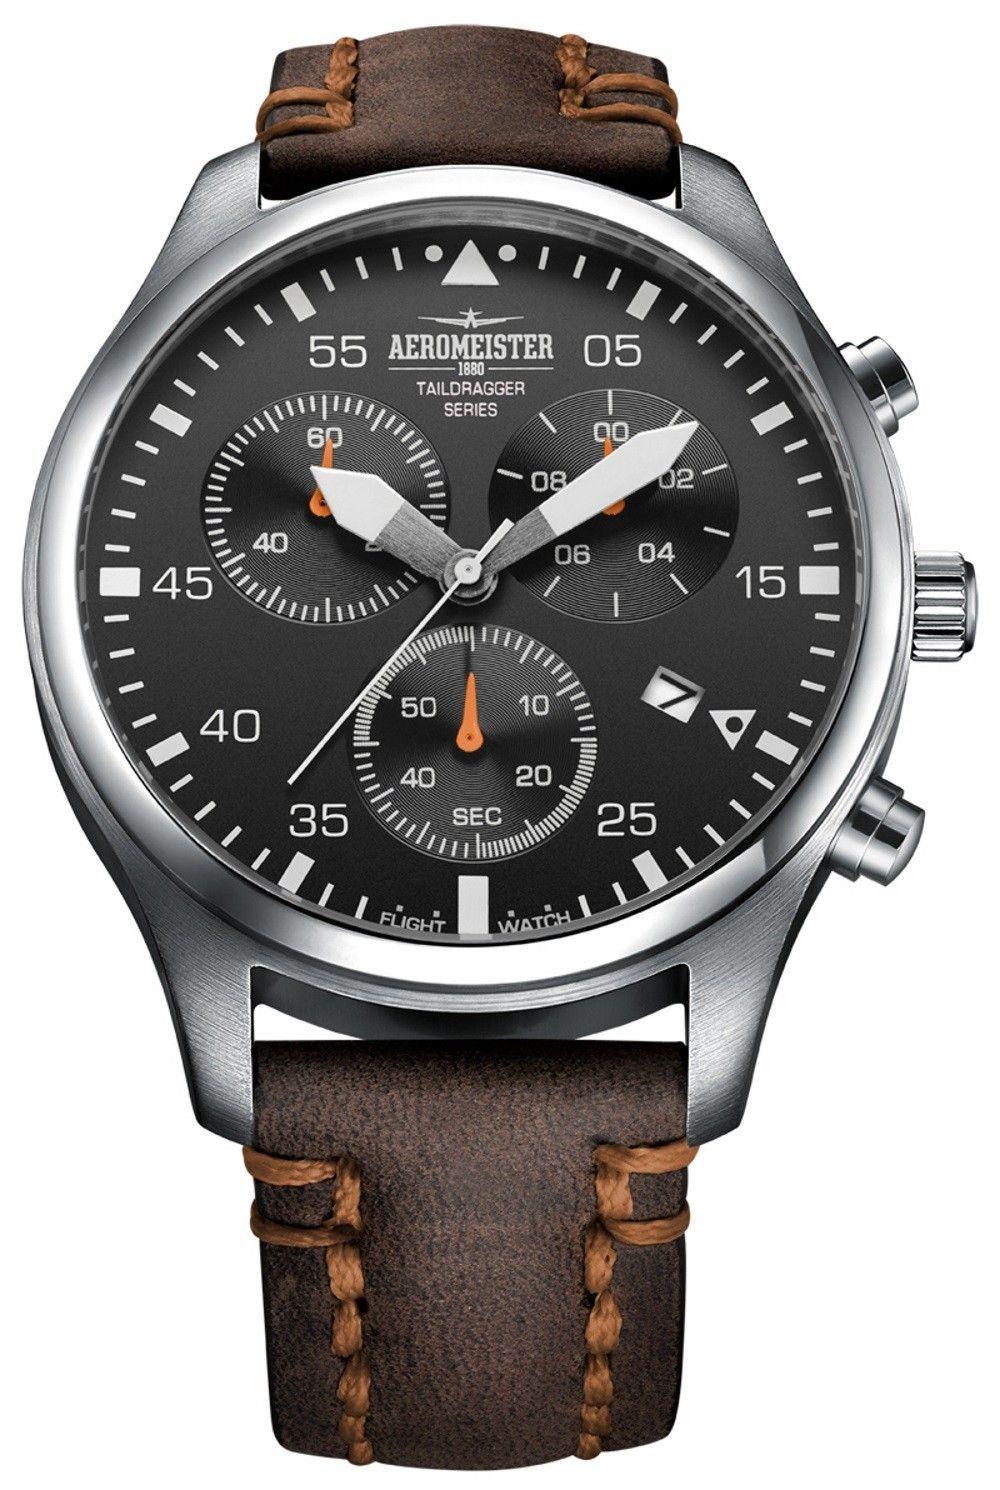 Beste Prijs Aeromeister Am8013 Taildragger Chronograaf Horloge Watchxl Nl Melhores Relogios Relogios De Luxo Relogio De Pulso